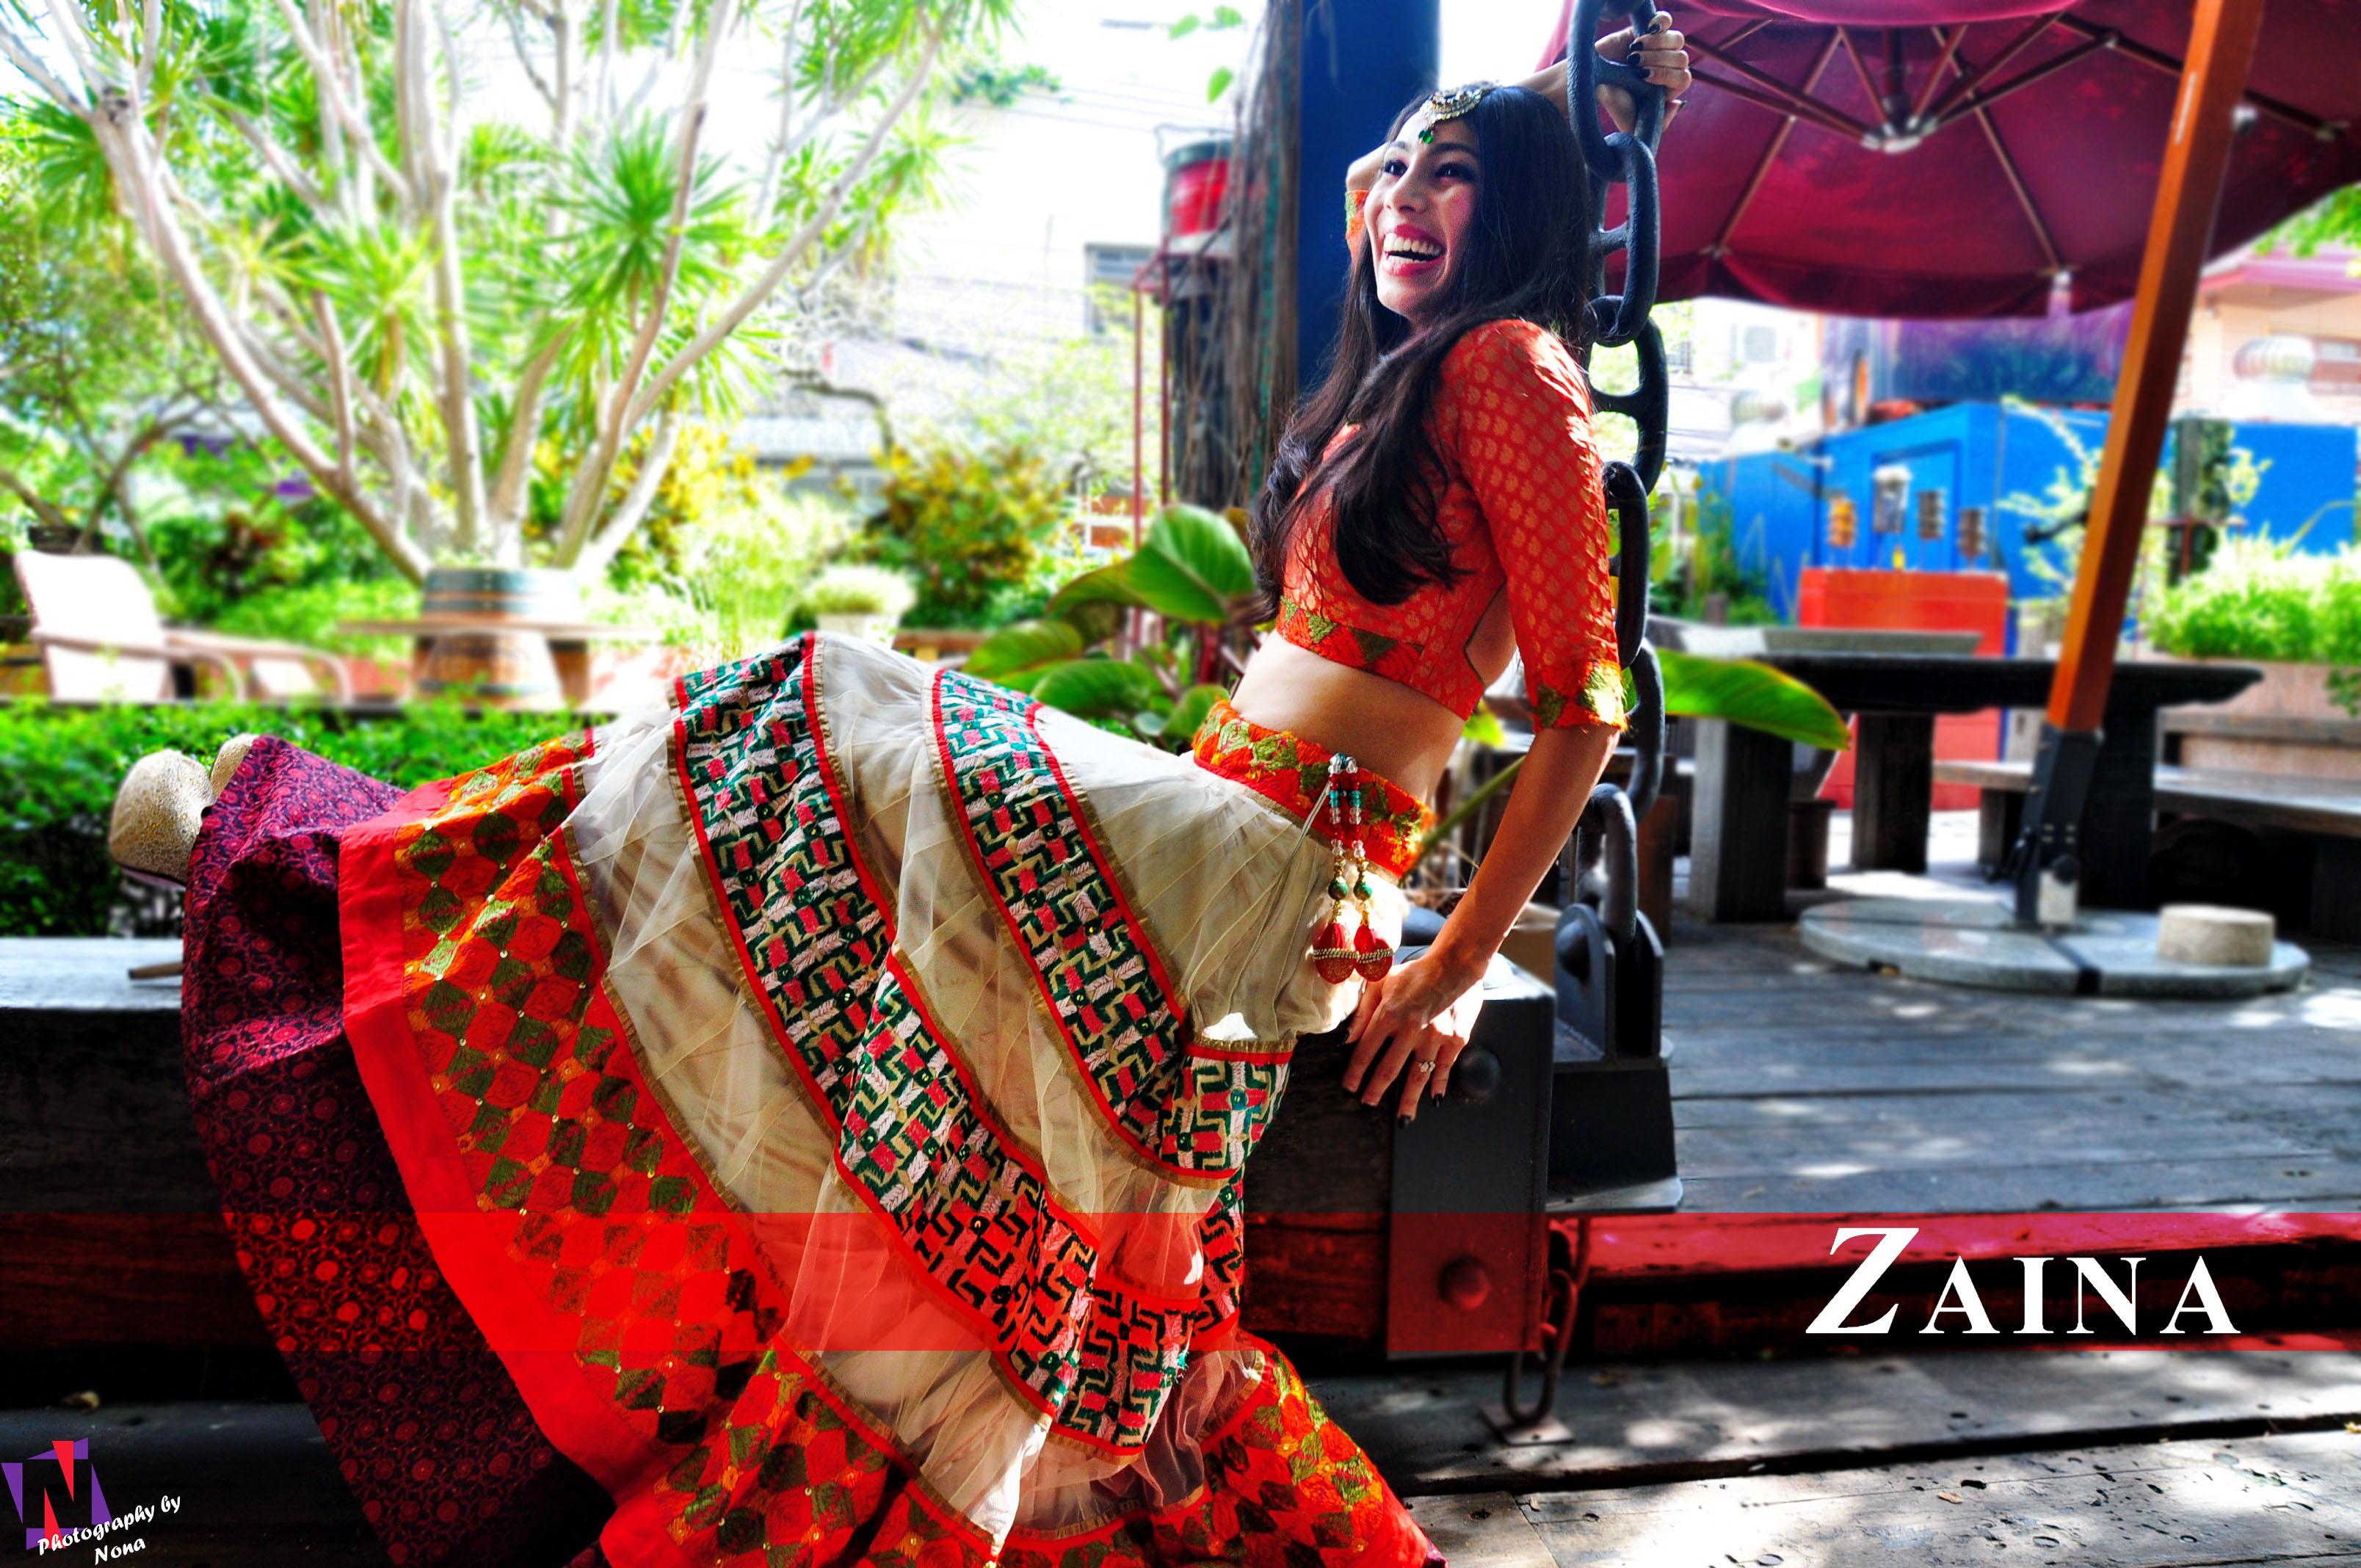 Zaina, Zaina bangkok